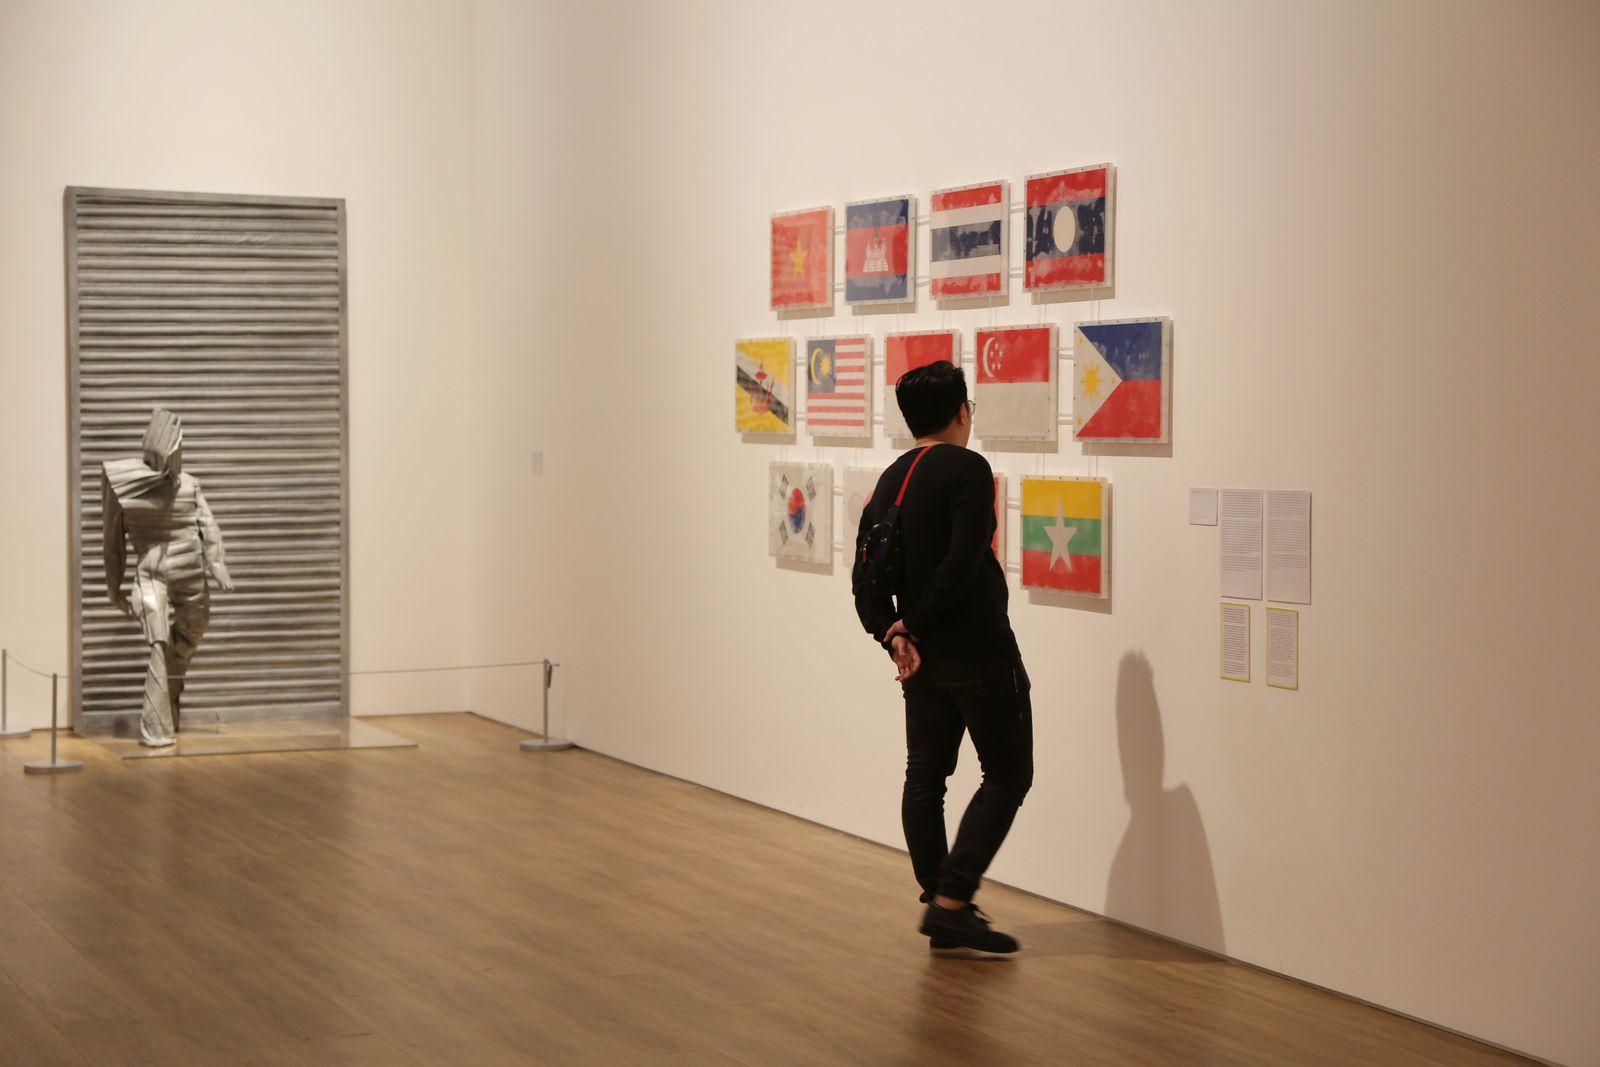 بازدیدکنندگان موزه